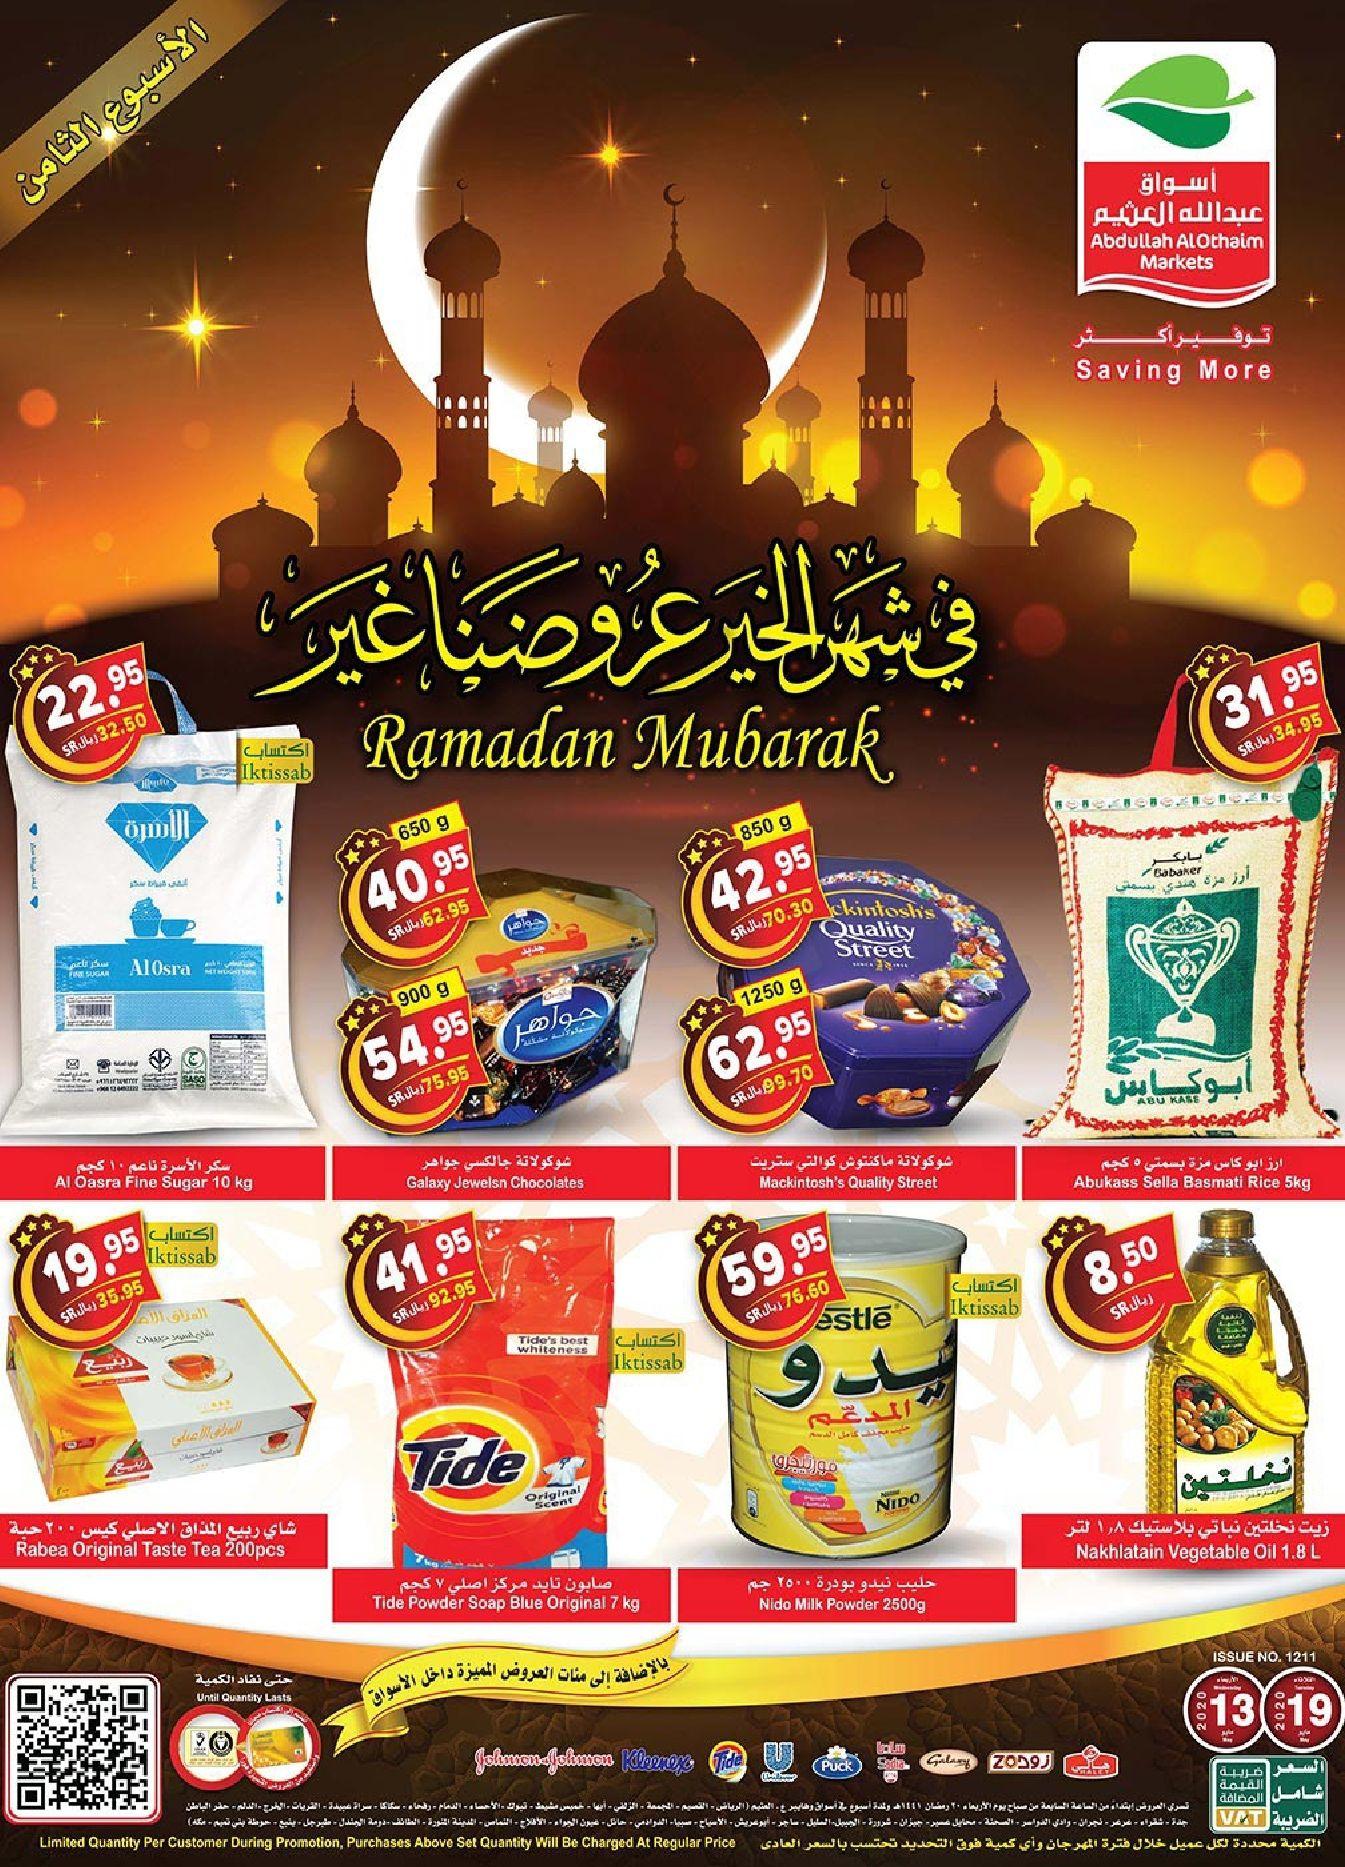 عروض رمضان عروض العثيم الاسبوعية الاربعاء 13 مايو 2020 شهر الخير عروض اليوم Ramadan Basmati Rice Basmati